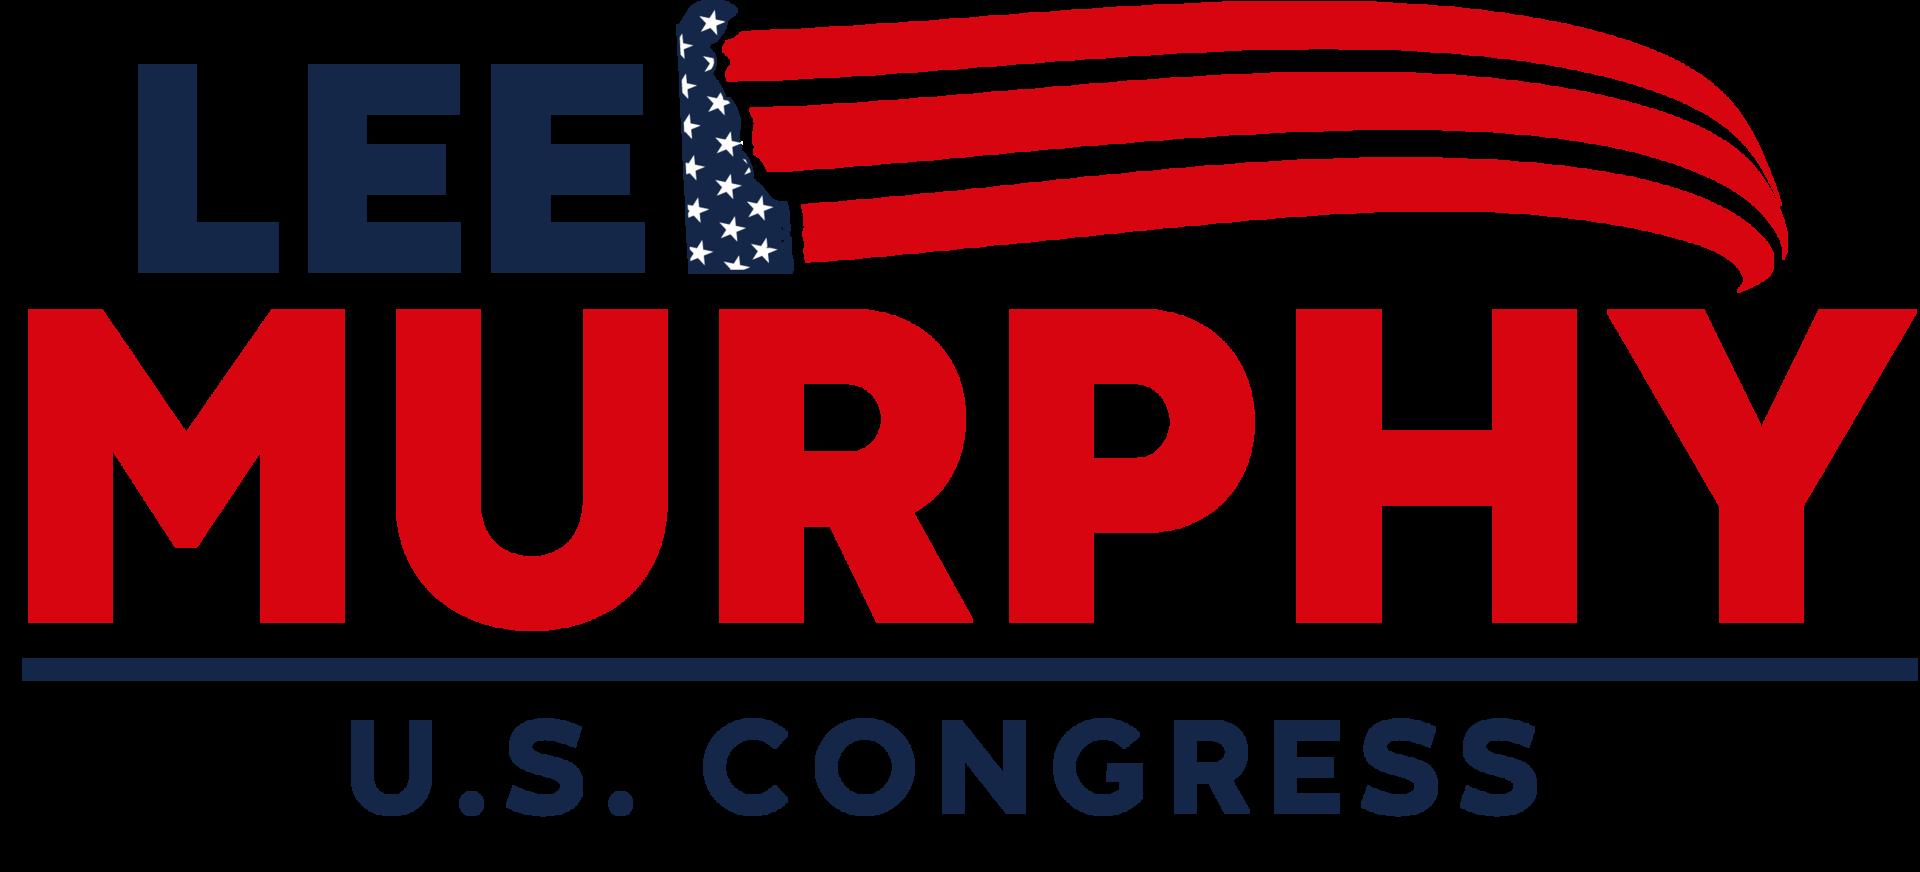 Lee murphy logo official %28ns%29